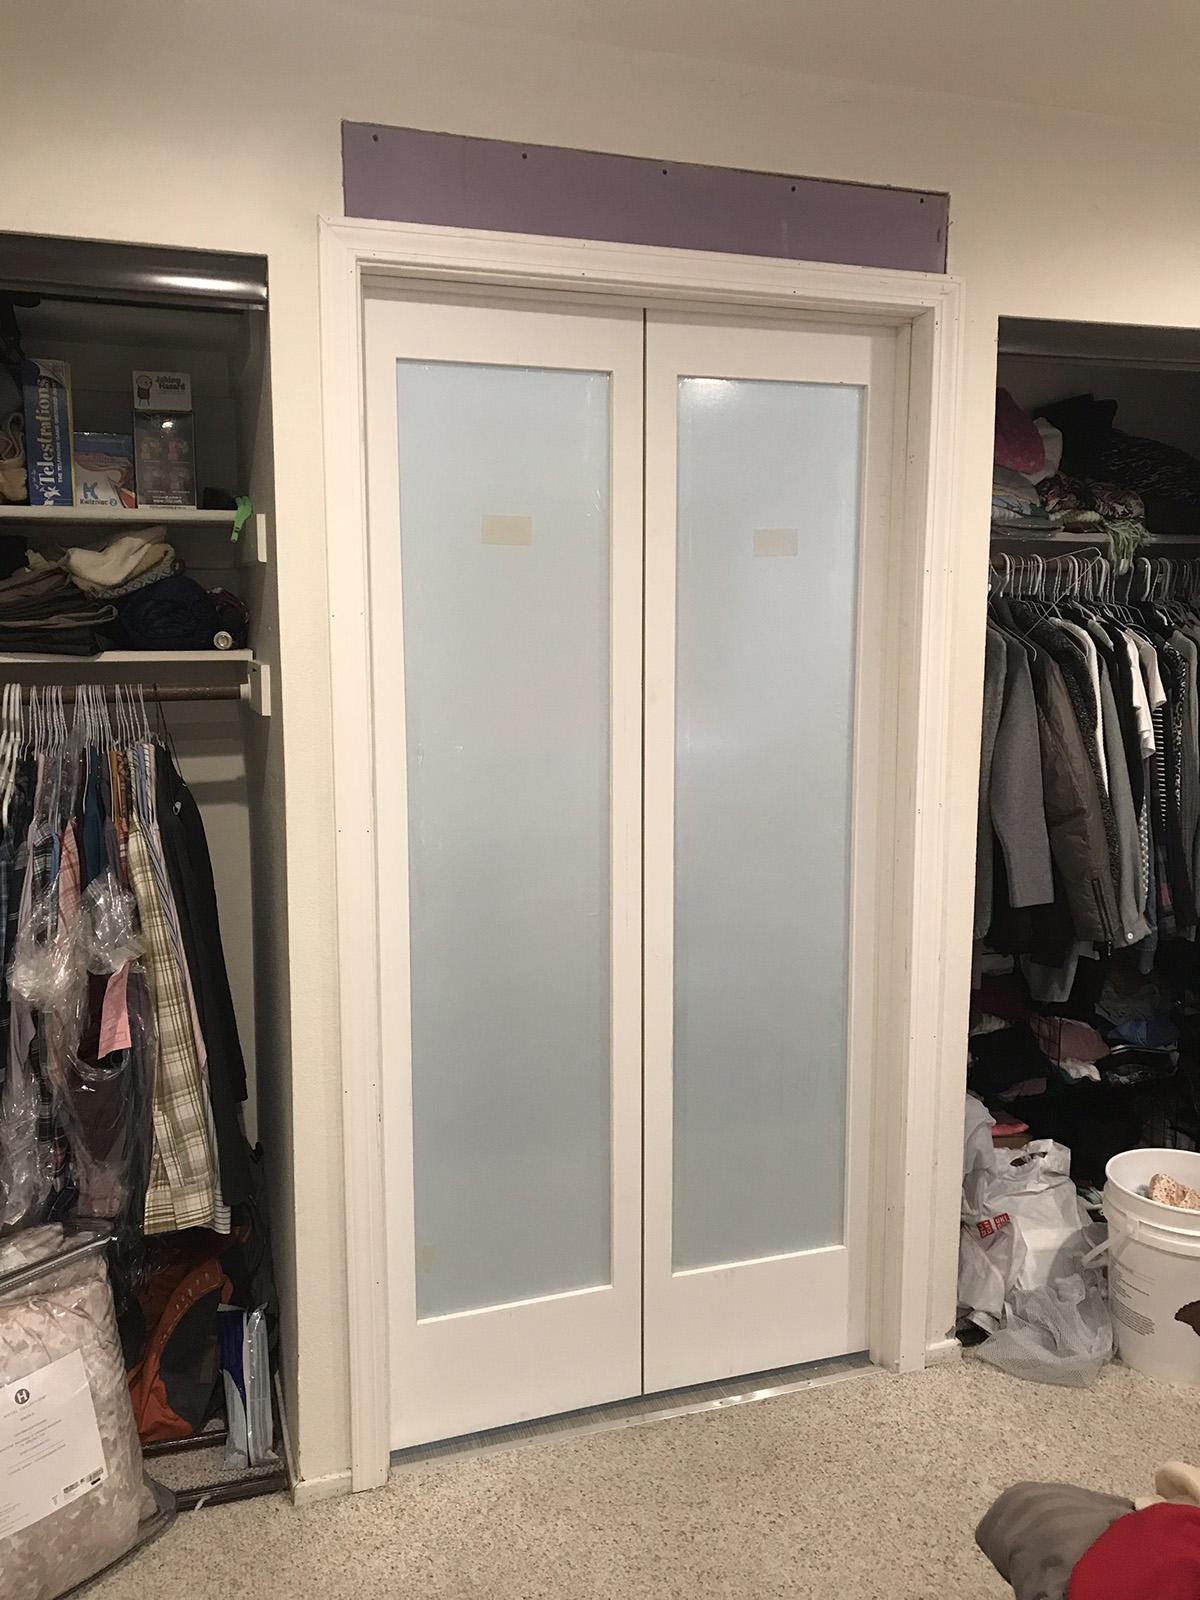 Closet Campbell CA Replacement Windows And Doors